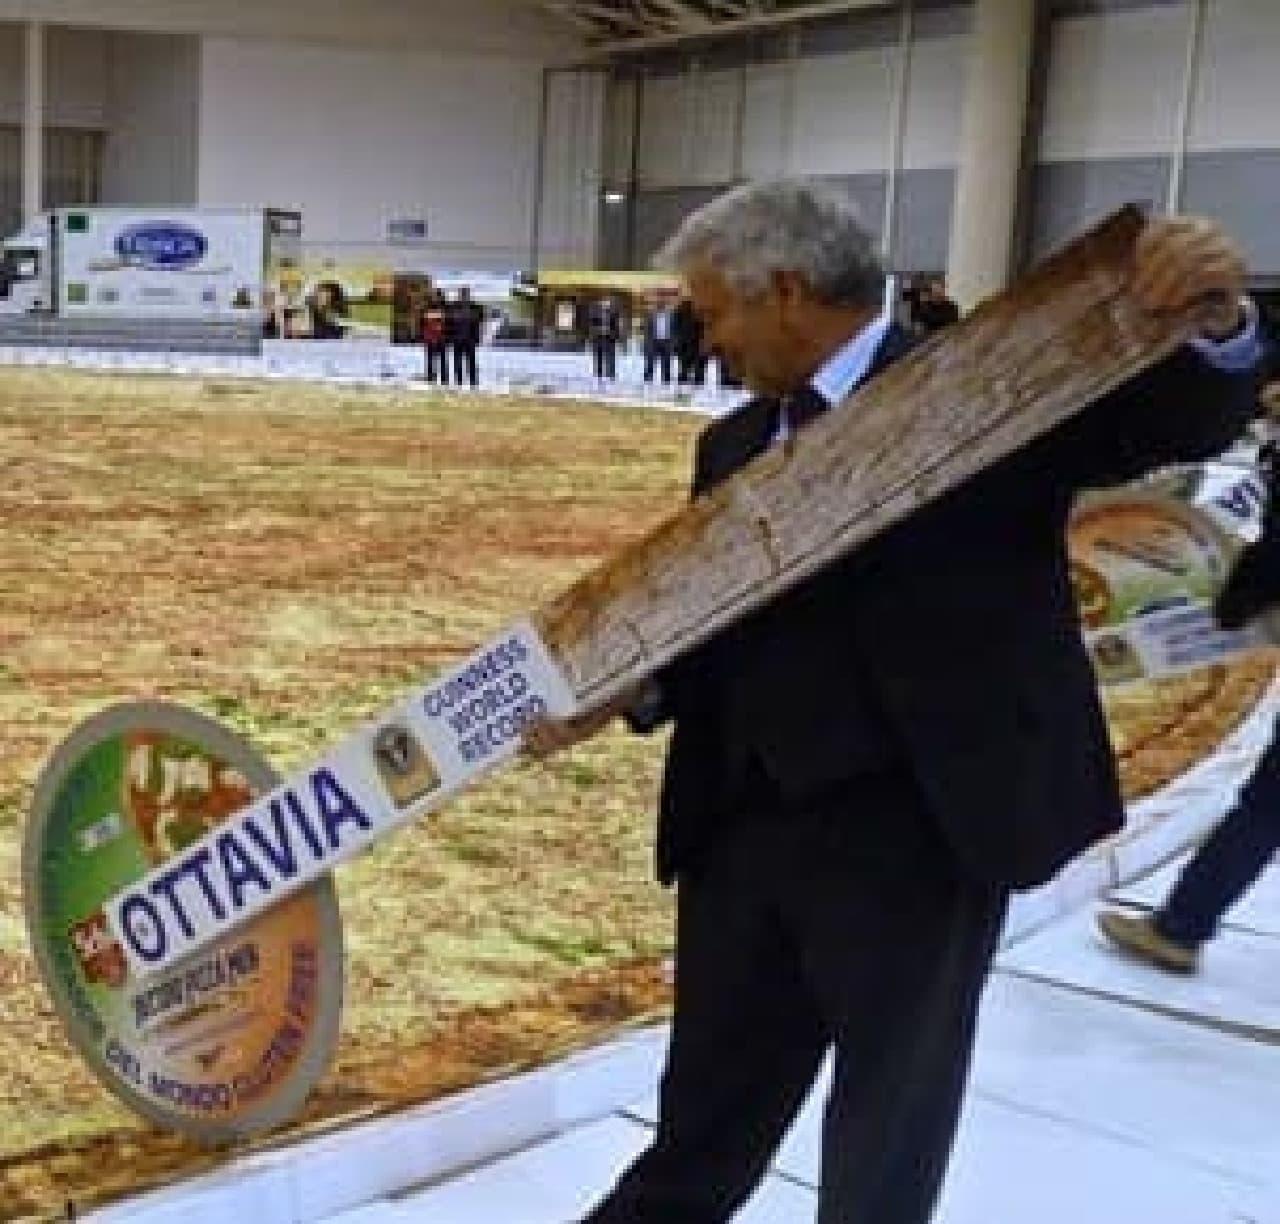 ピザが巨大なので、カットするのは大変!